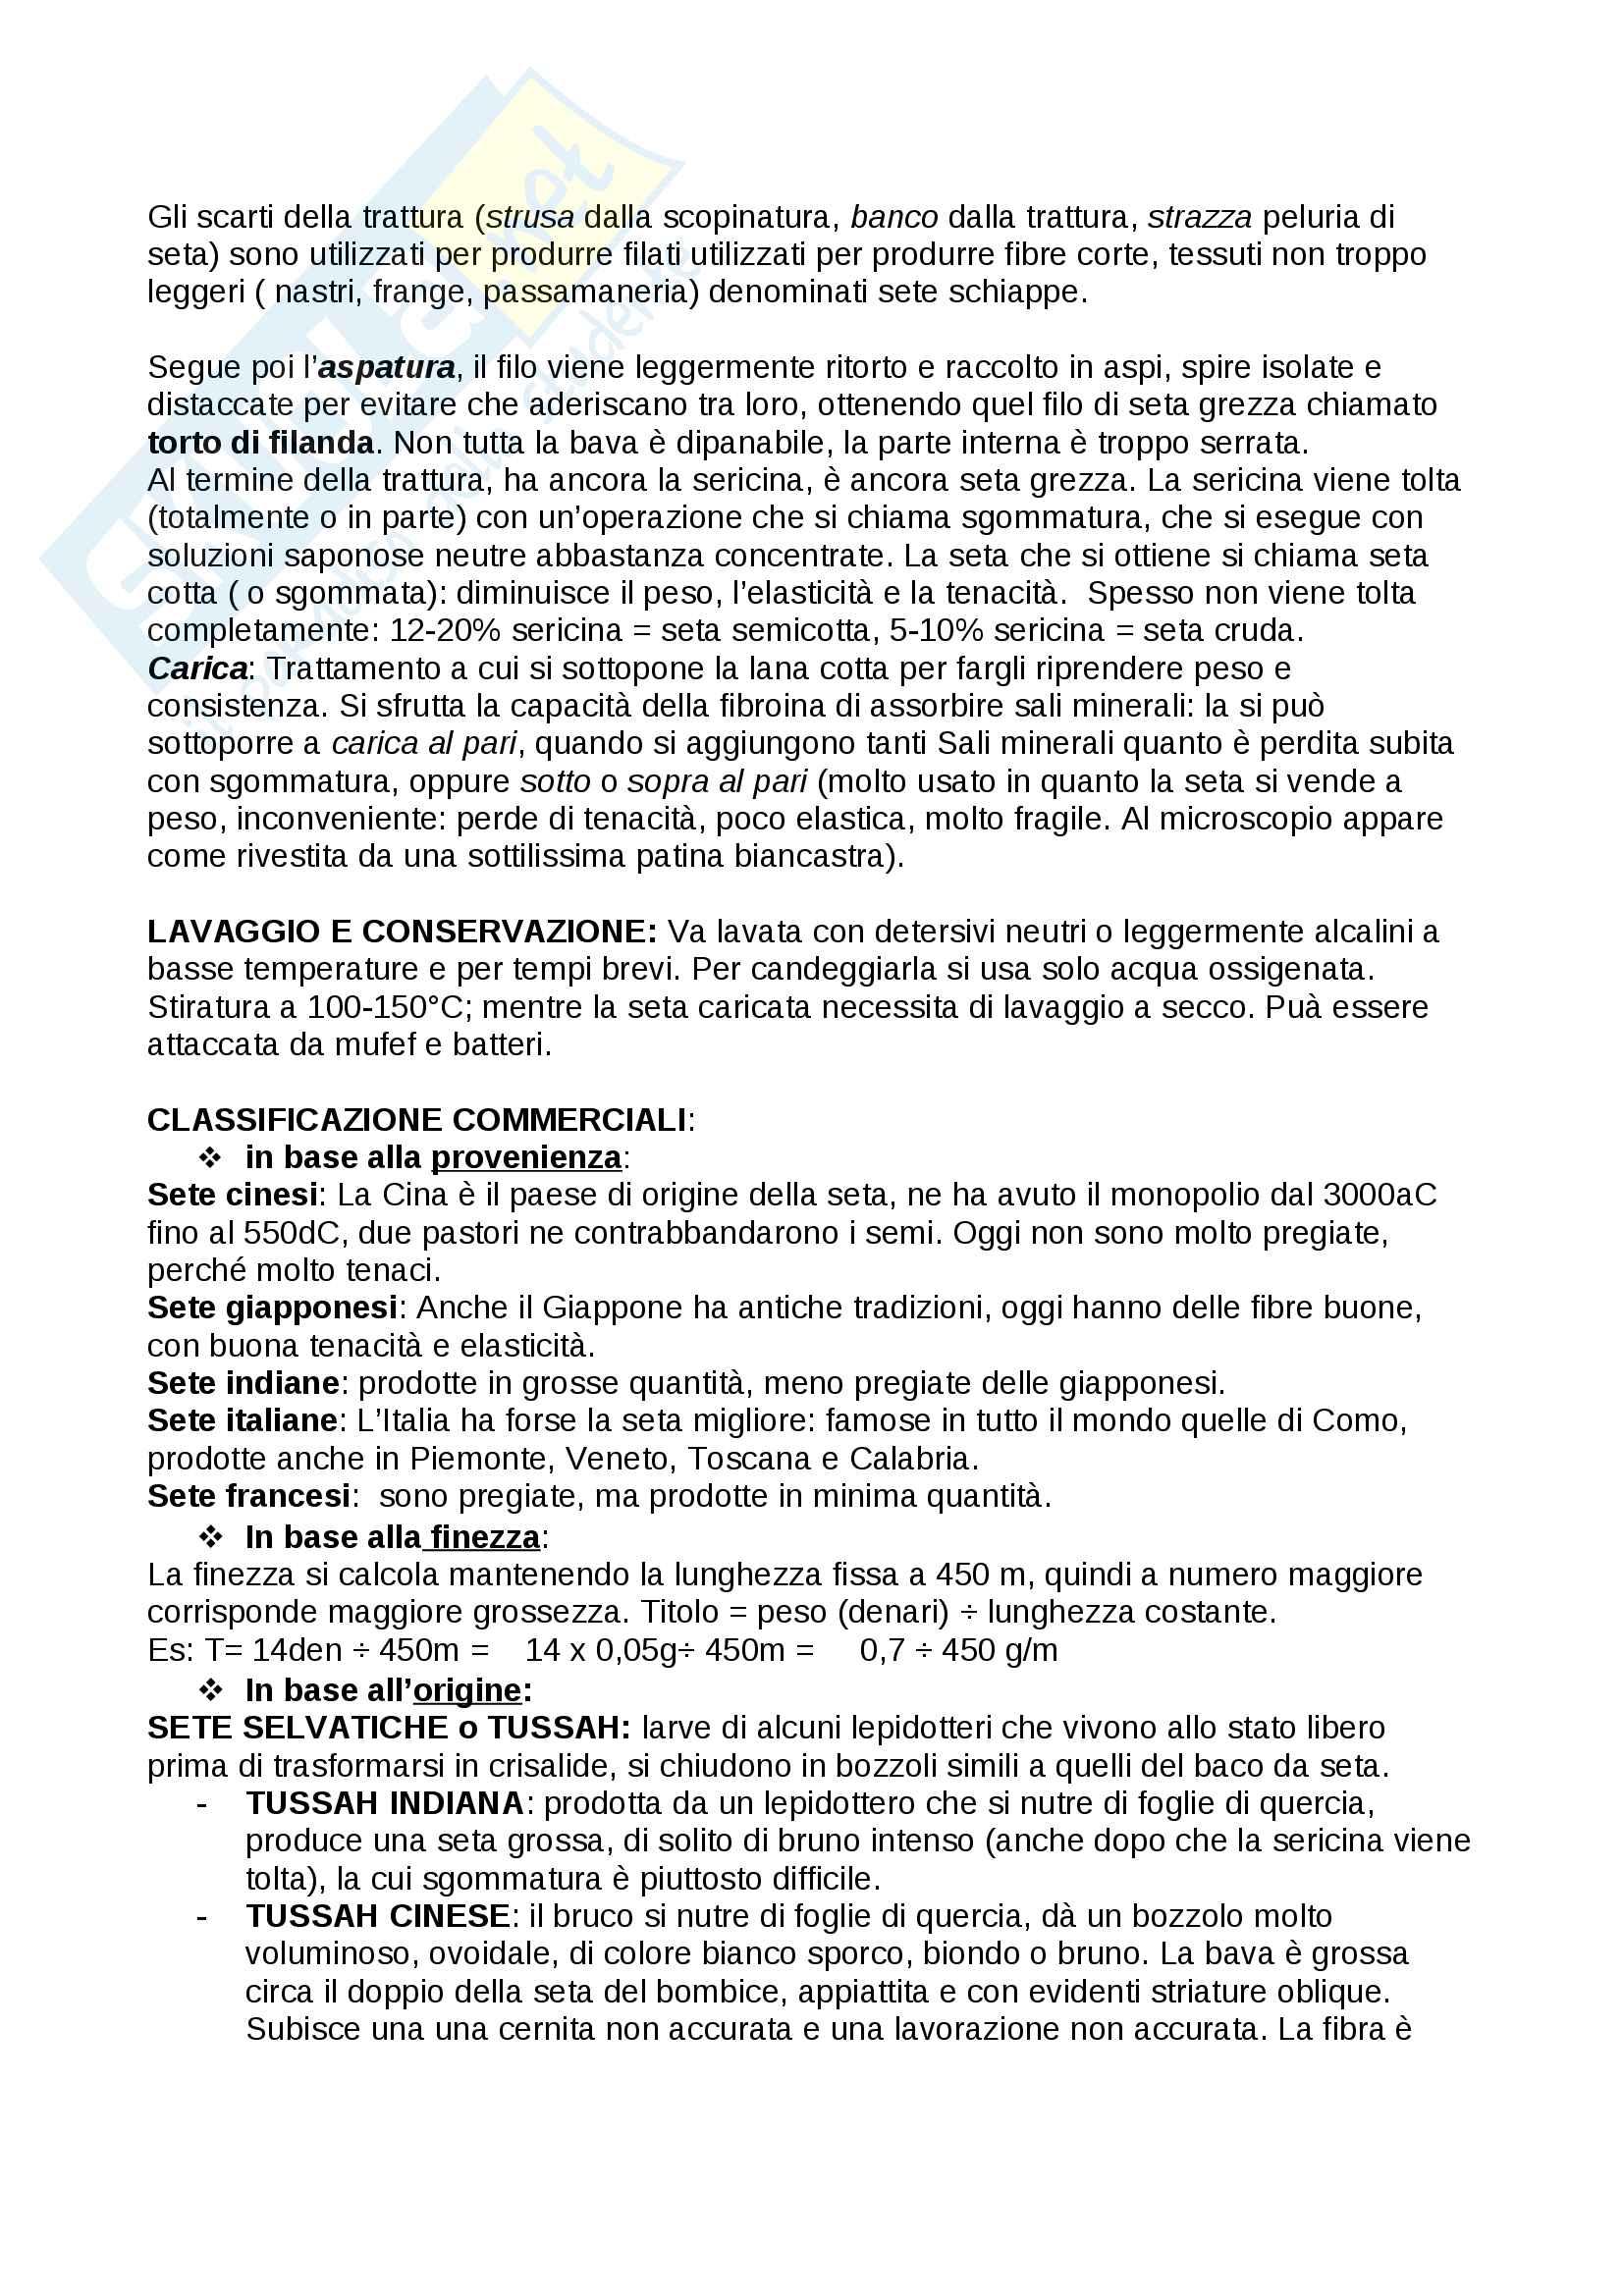 Riassunto chimica delle fibre tessili Pag. 6